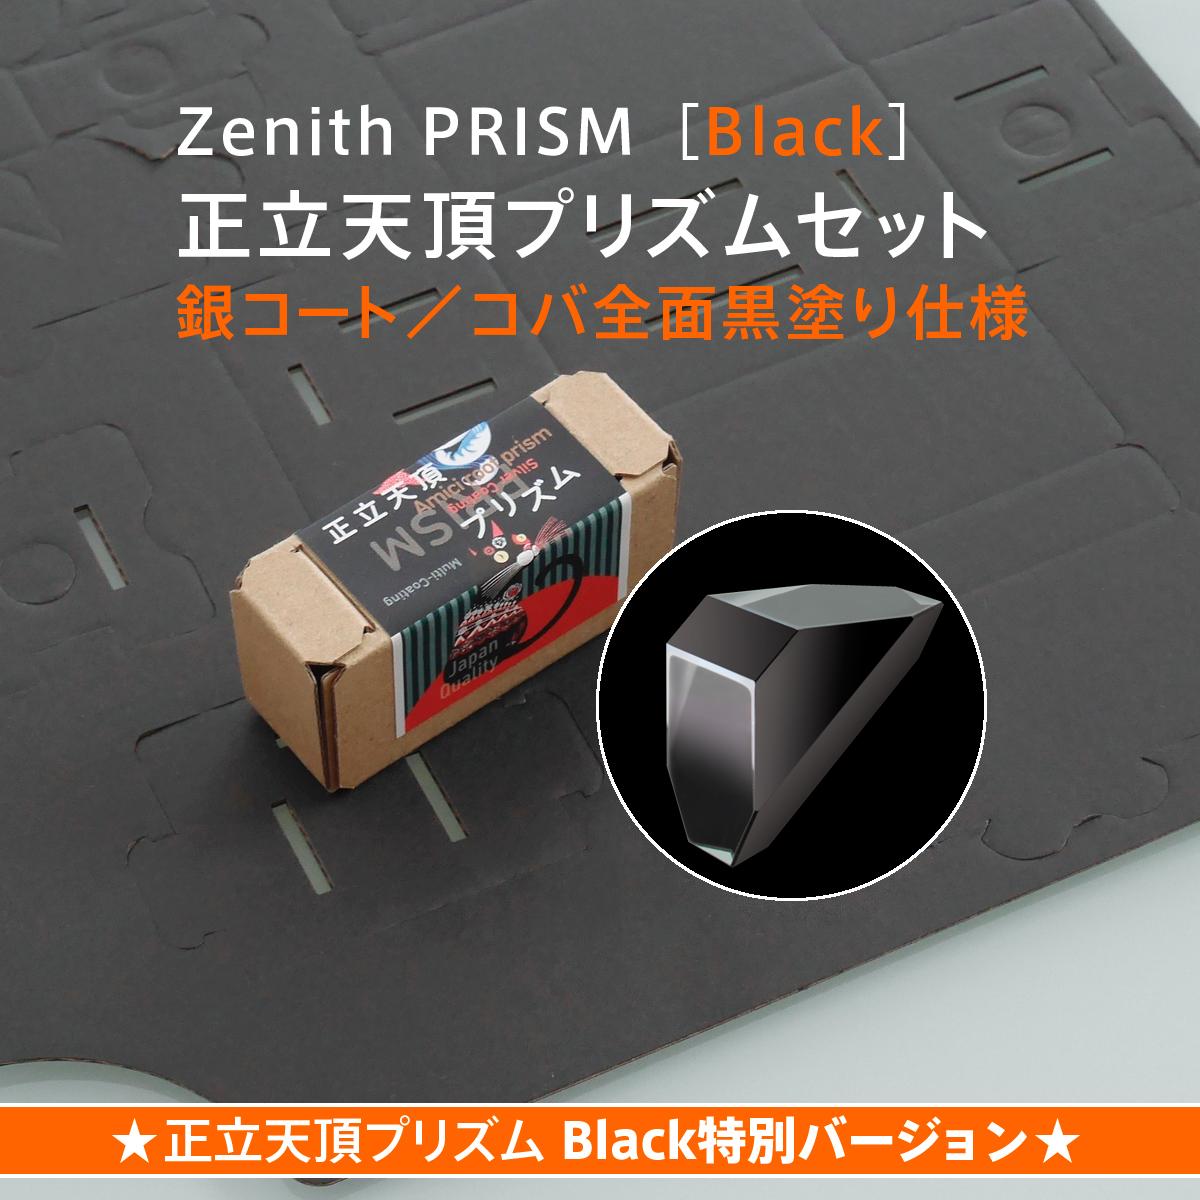 正立天頂プリズム[Black]セット01.jpg